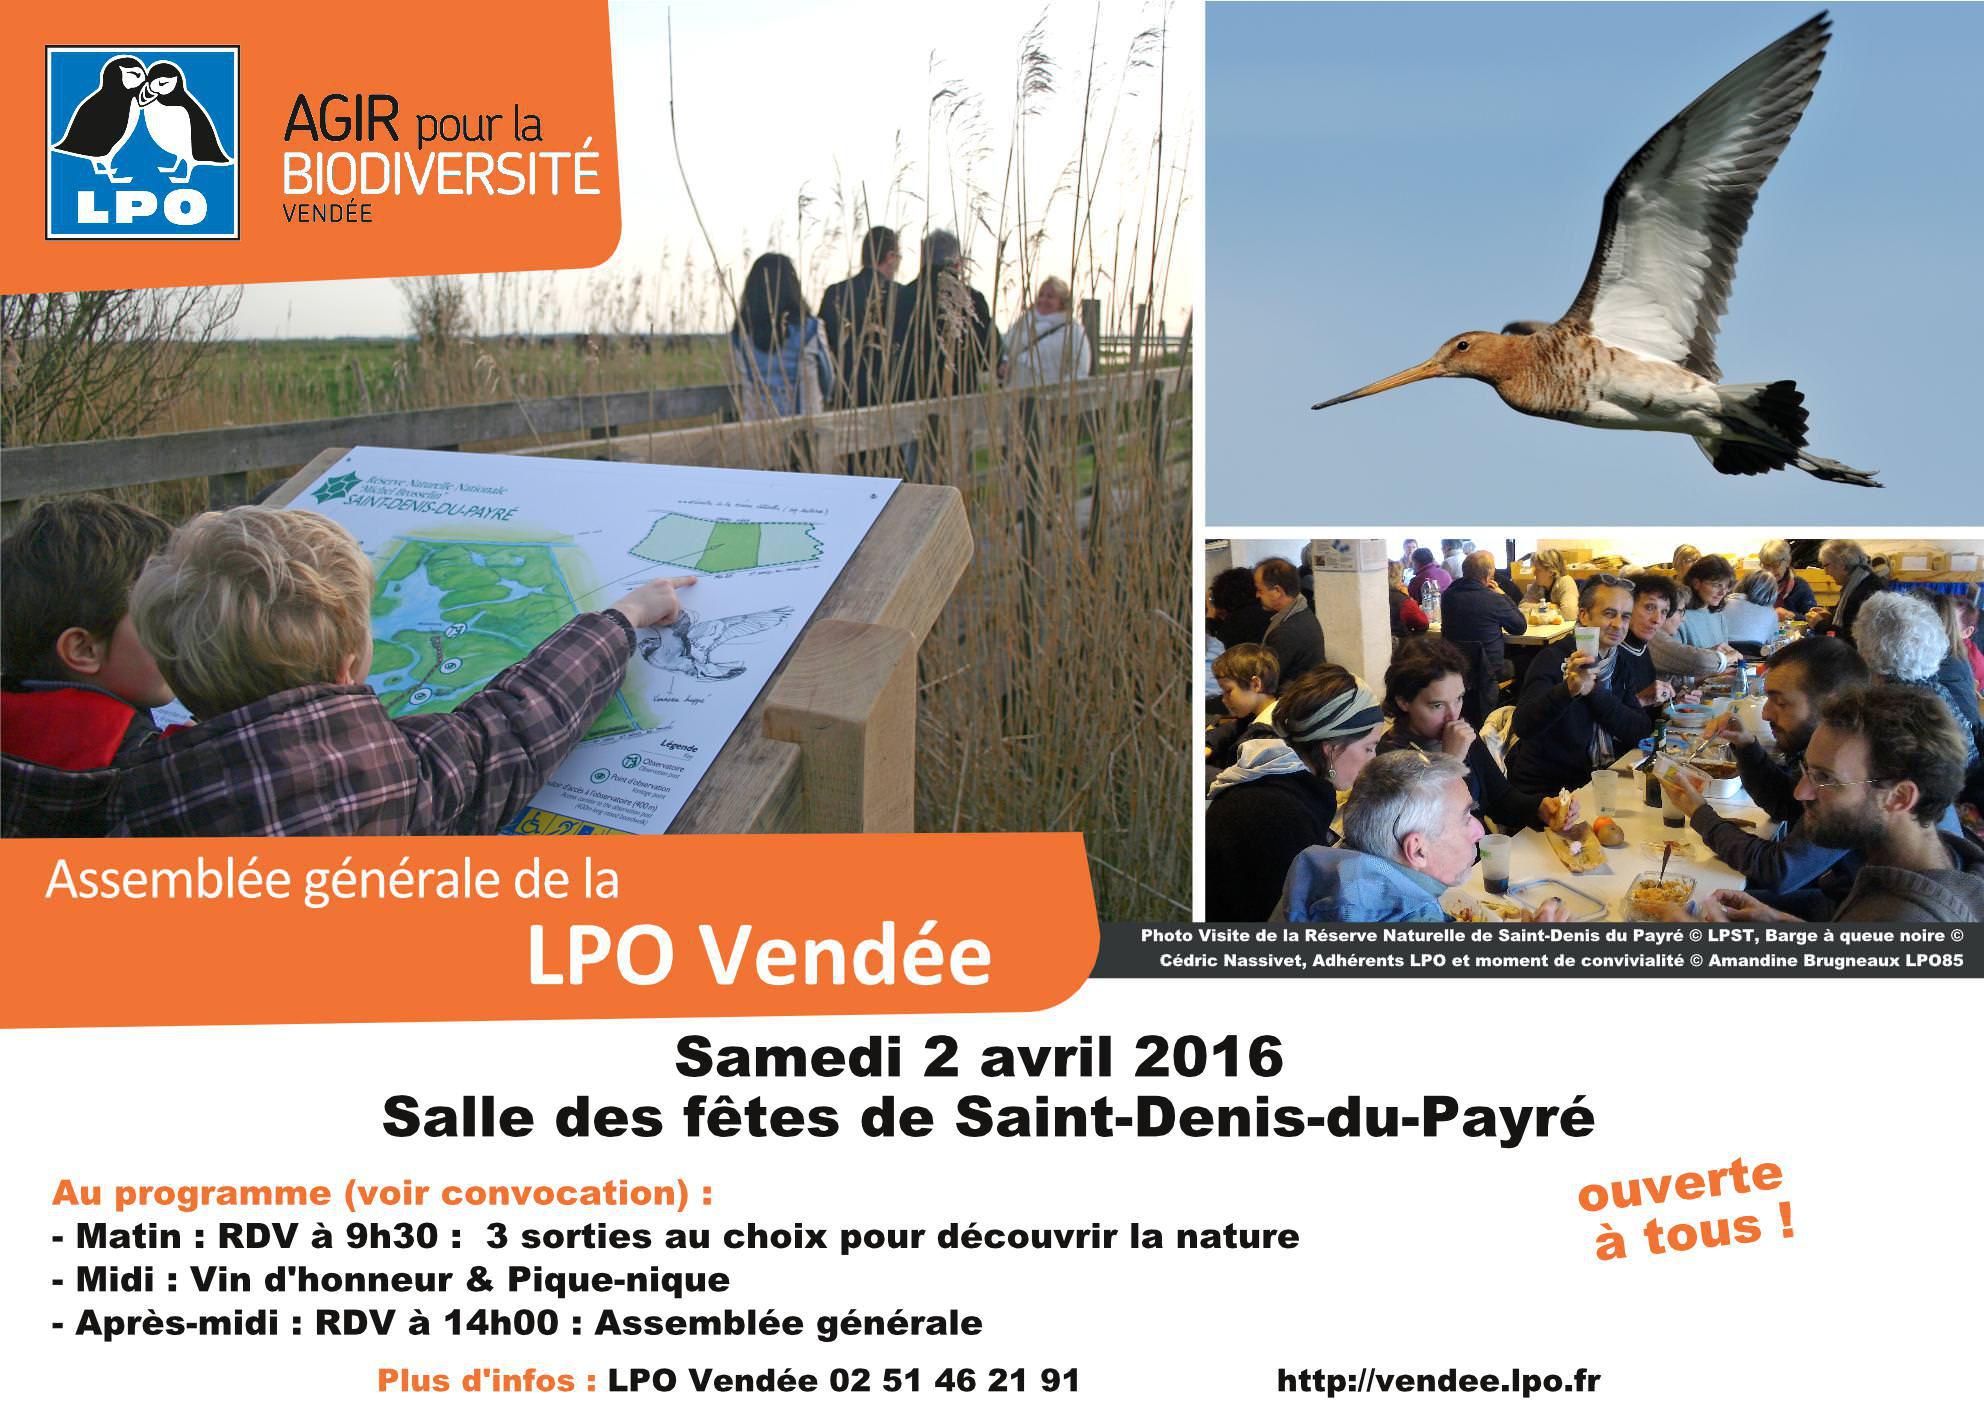 Assemblée Générale de la LPO Vendée